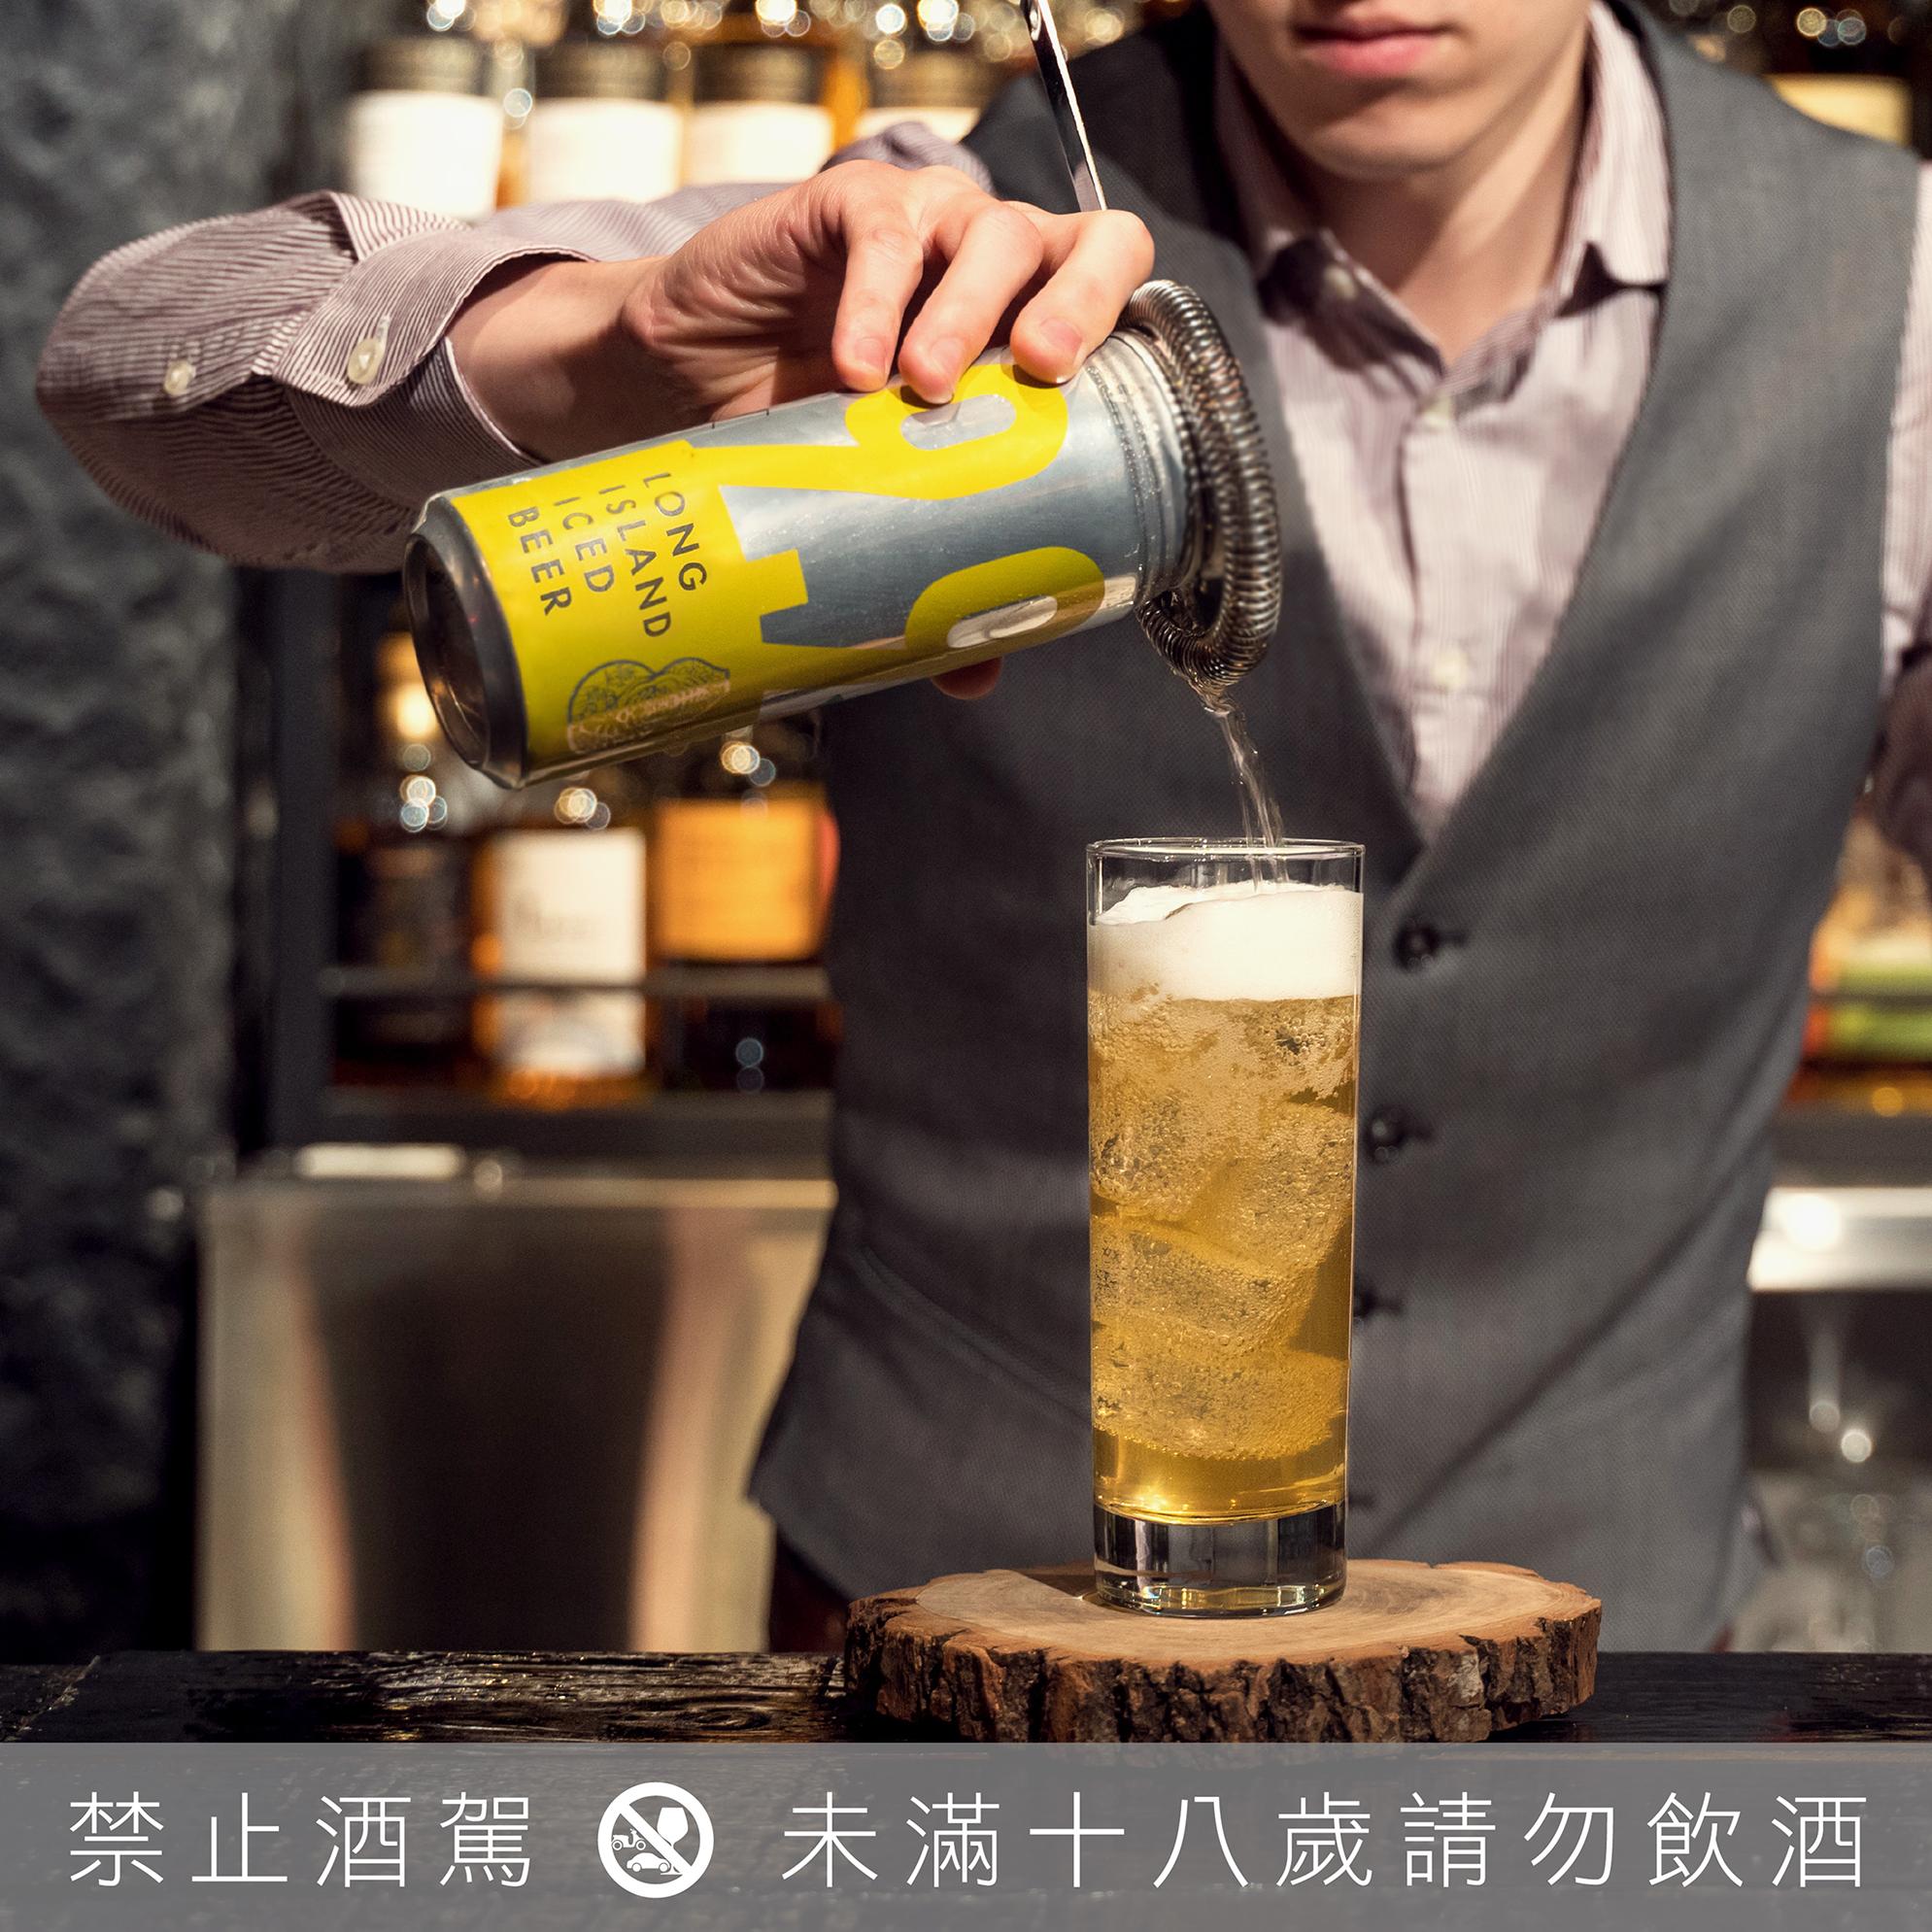 「長島冰啤」來了!臺虎首次推出調酒系啤酒全台限量開賣